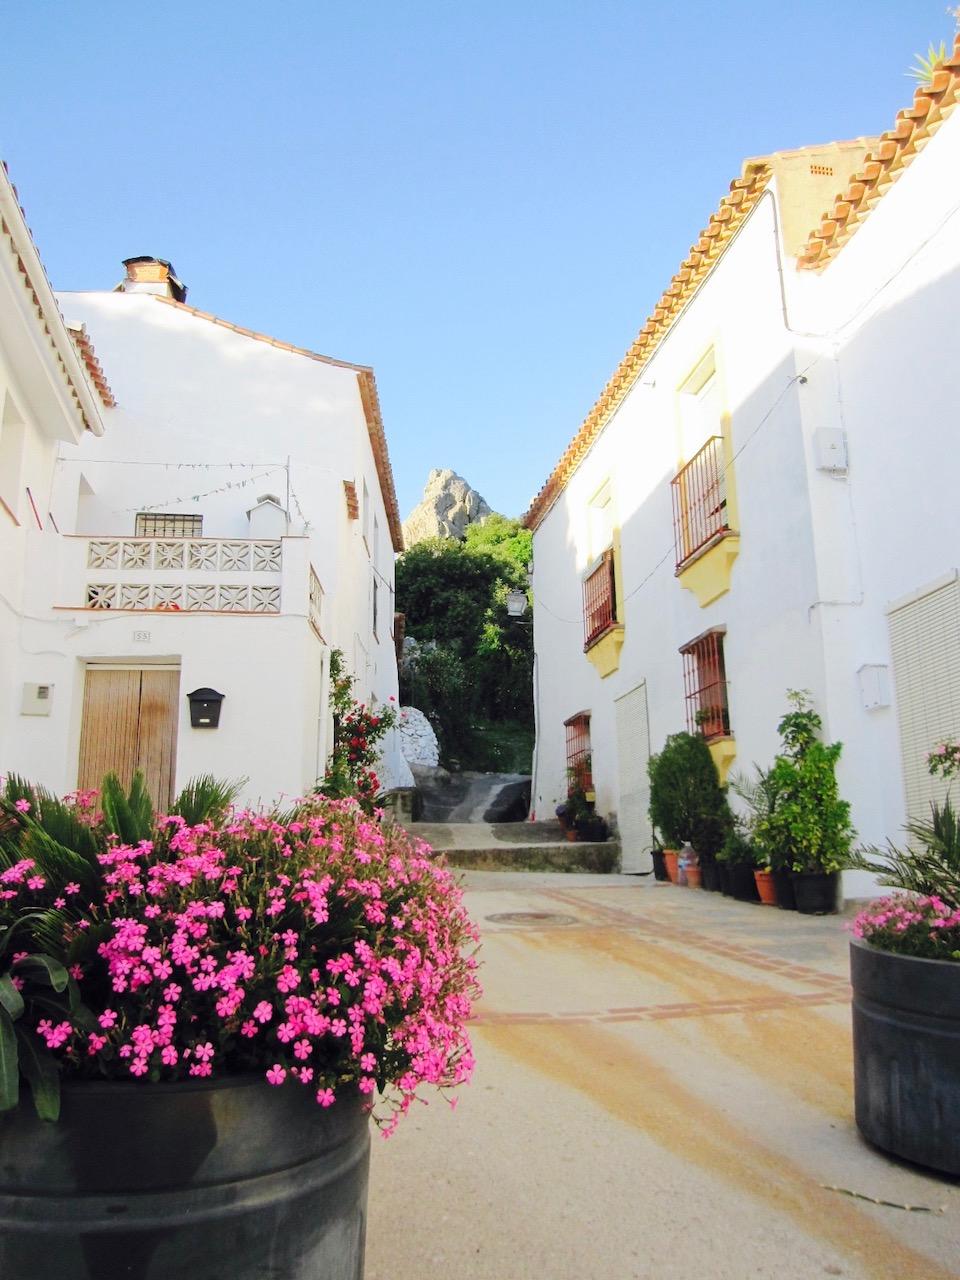 Gaucín, Andalusien